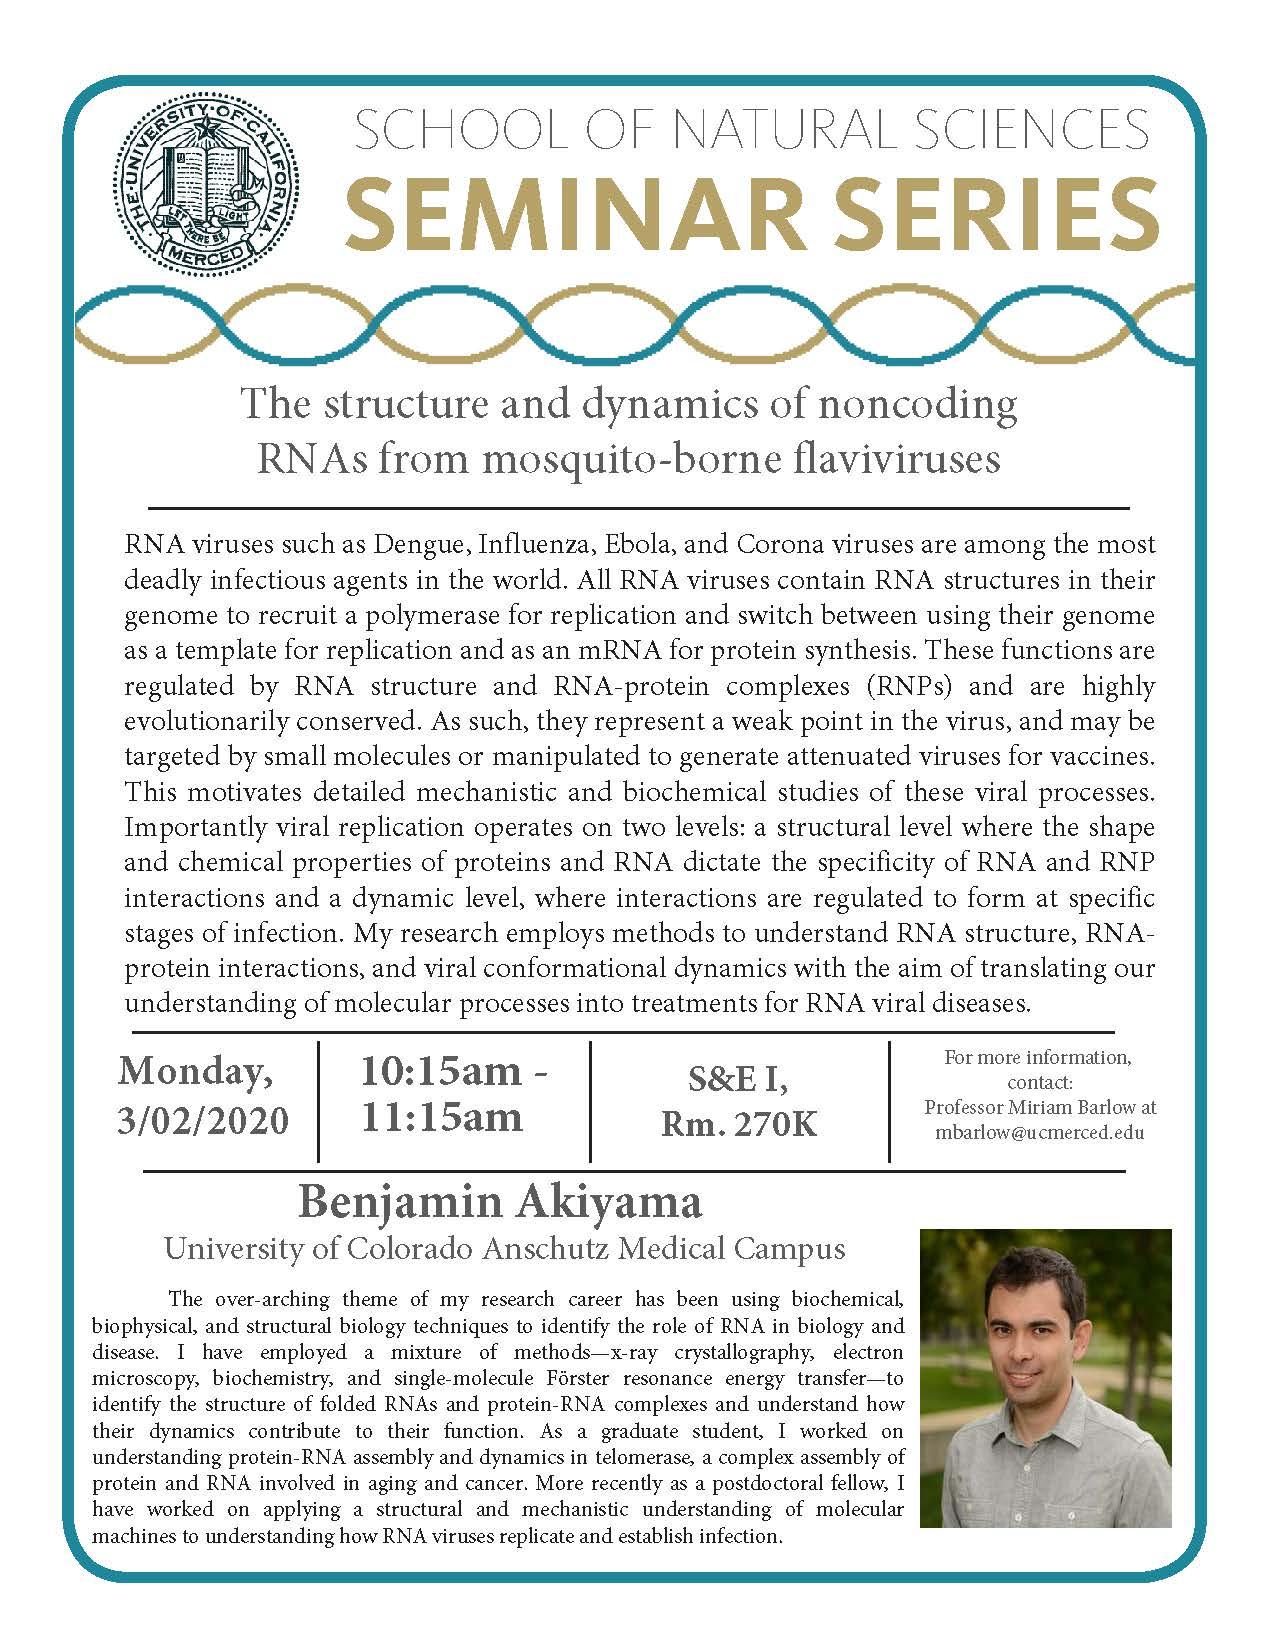 MCB Seminar for Dr. Benjamin Akiyama